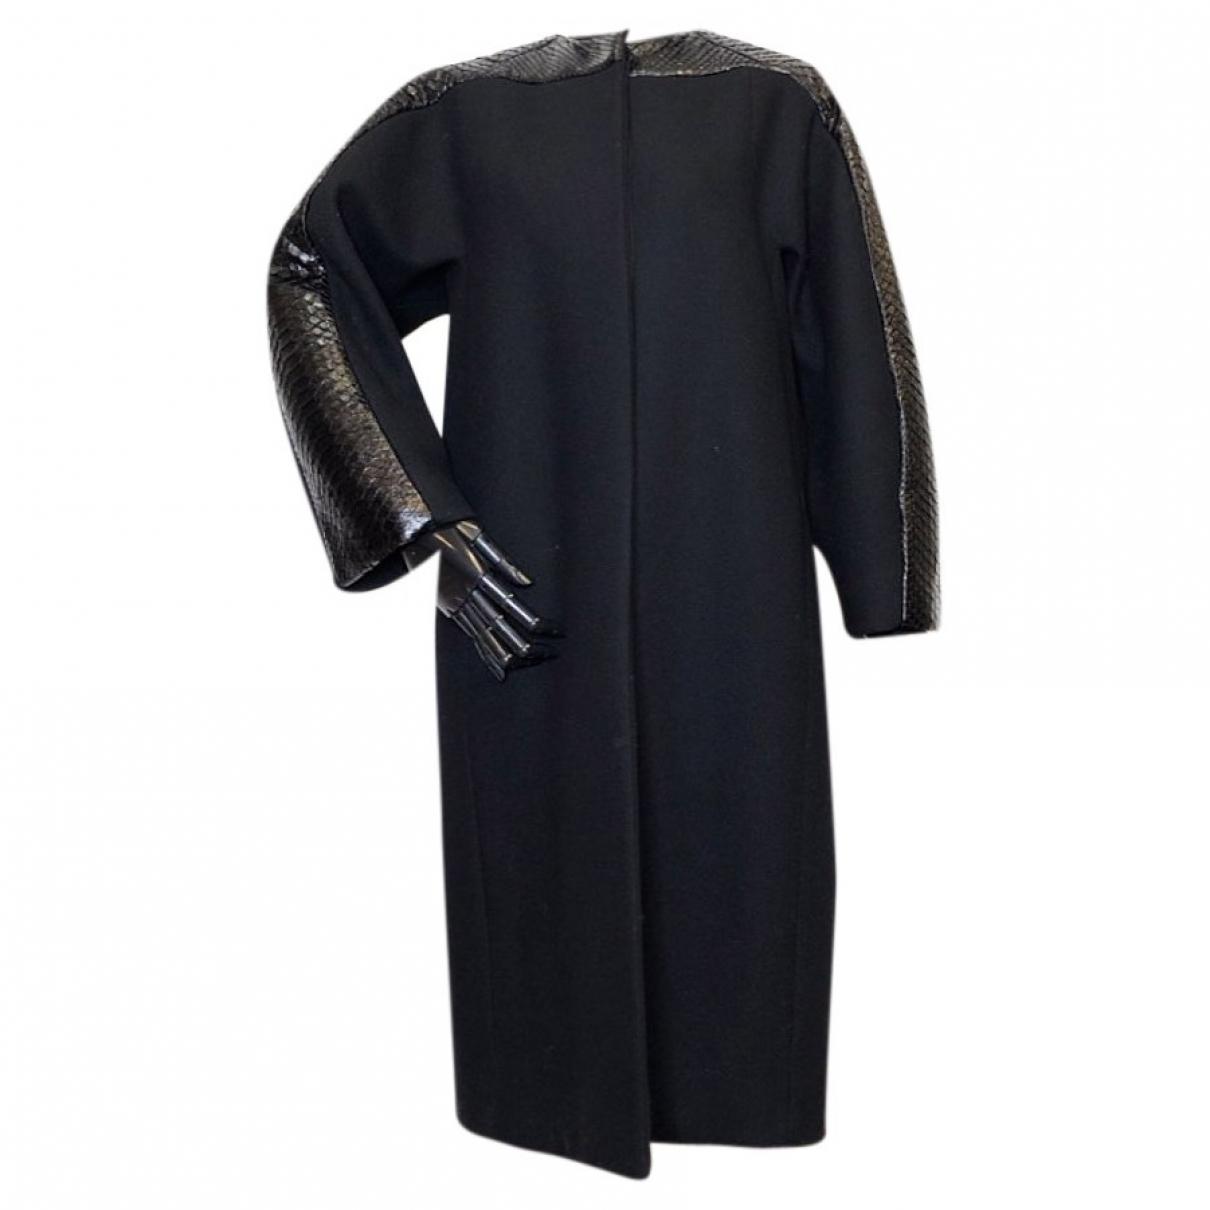 Gucci \N Black Wool coat for Women 38 IT